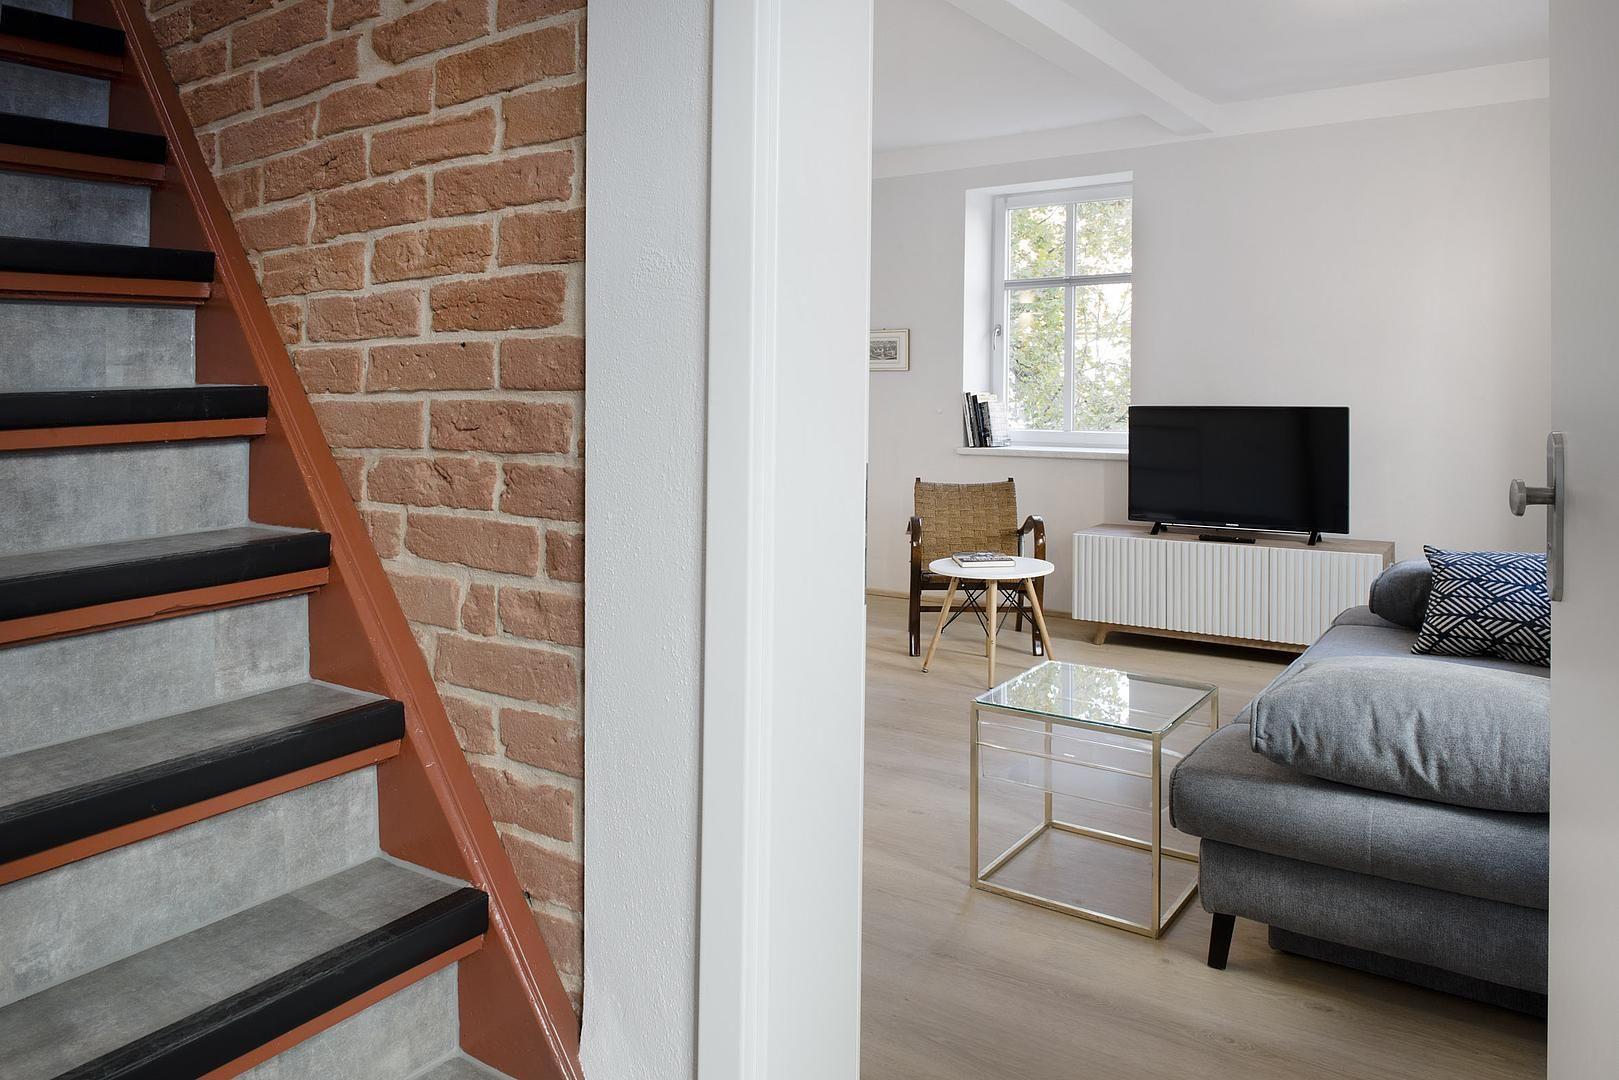 Wohnungseingang Und Treppenhaus Treppe Haus Wohnungseingang Wohnung Planen